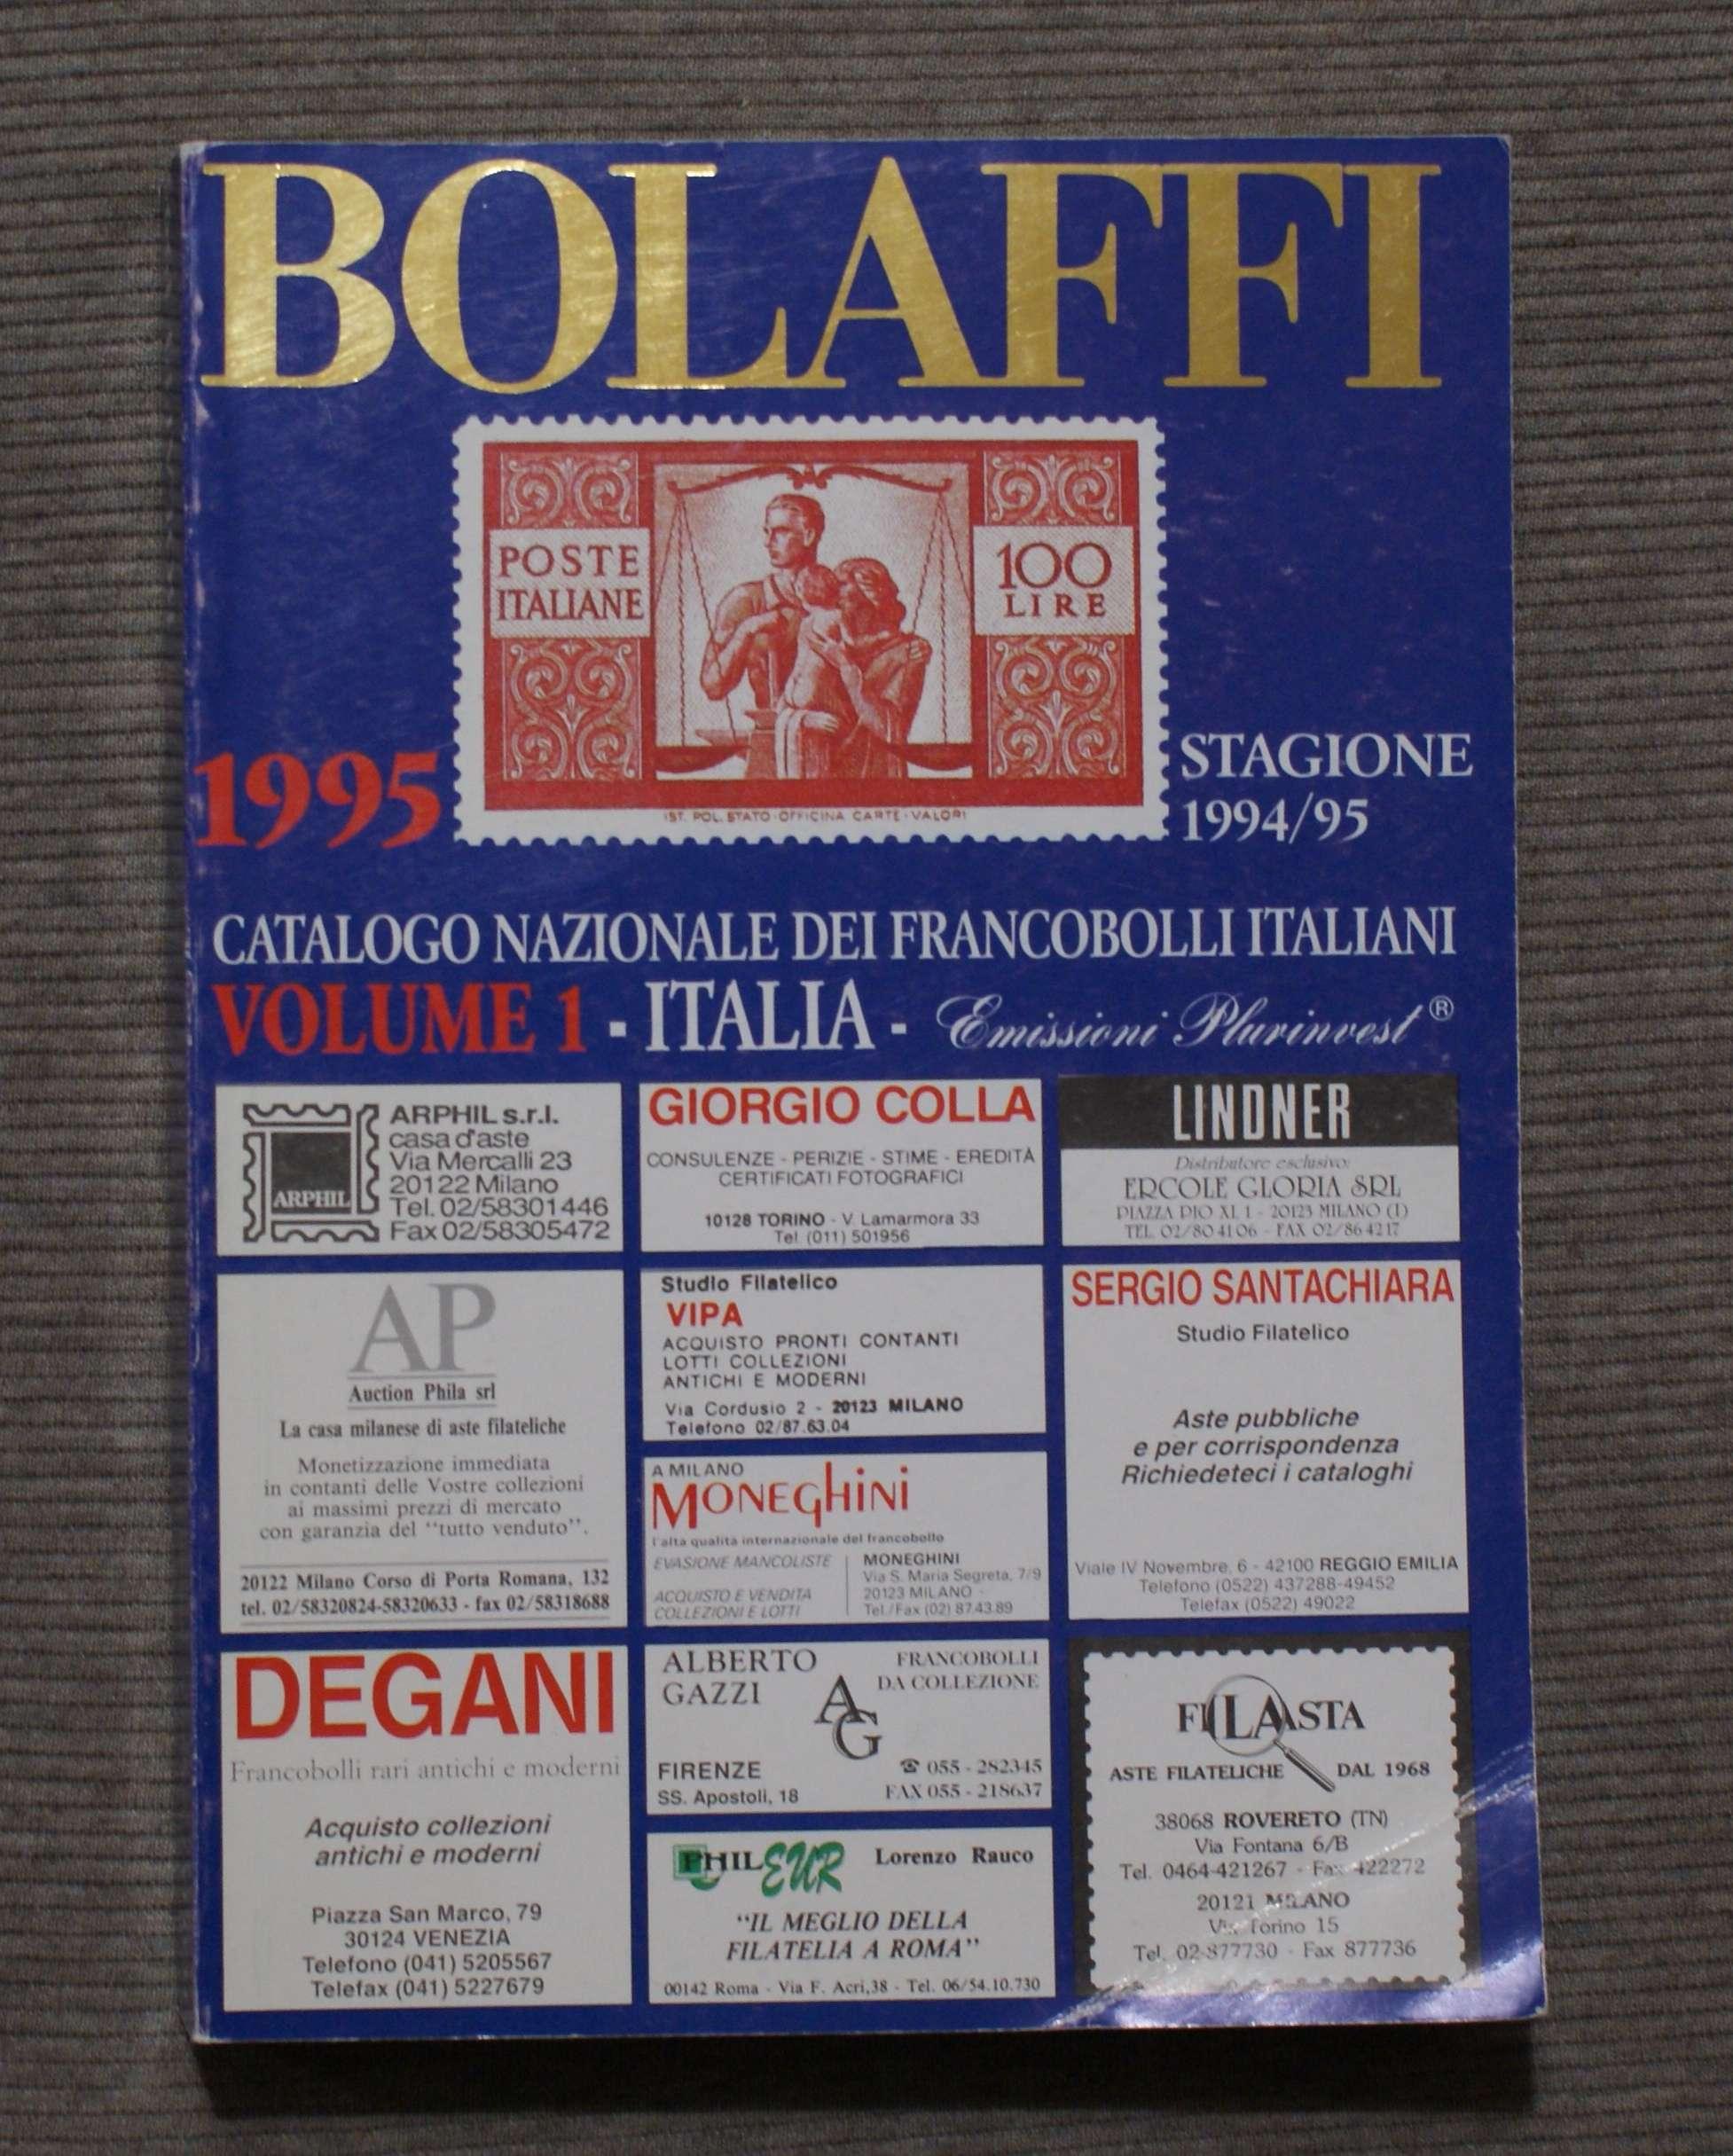 Francobolli Italiani: Catalogo Nazionale Dei Francobolli